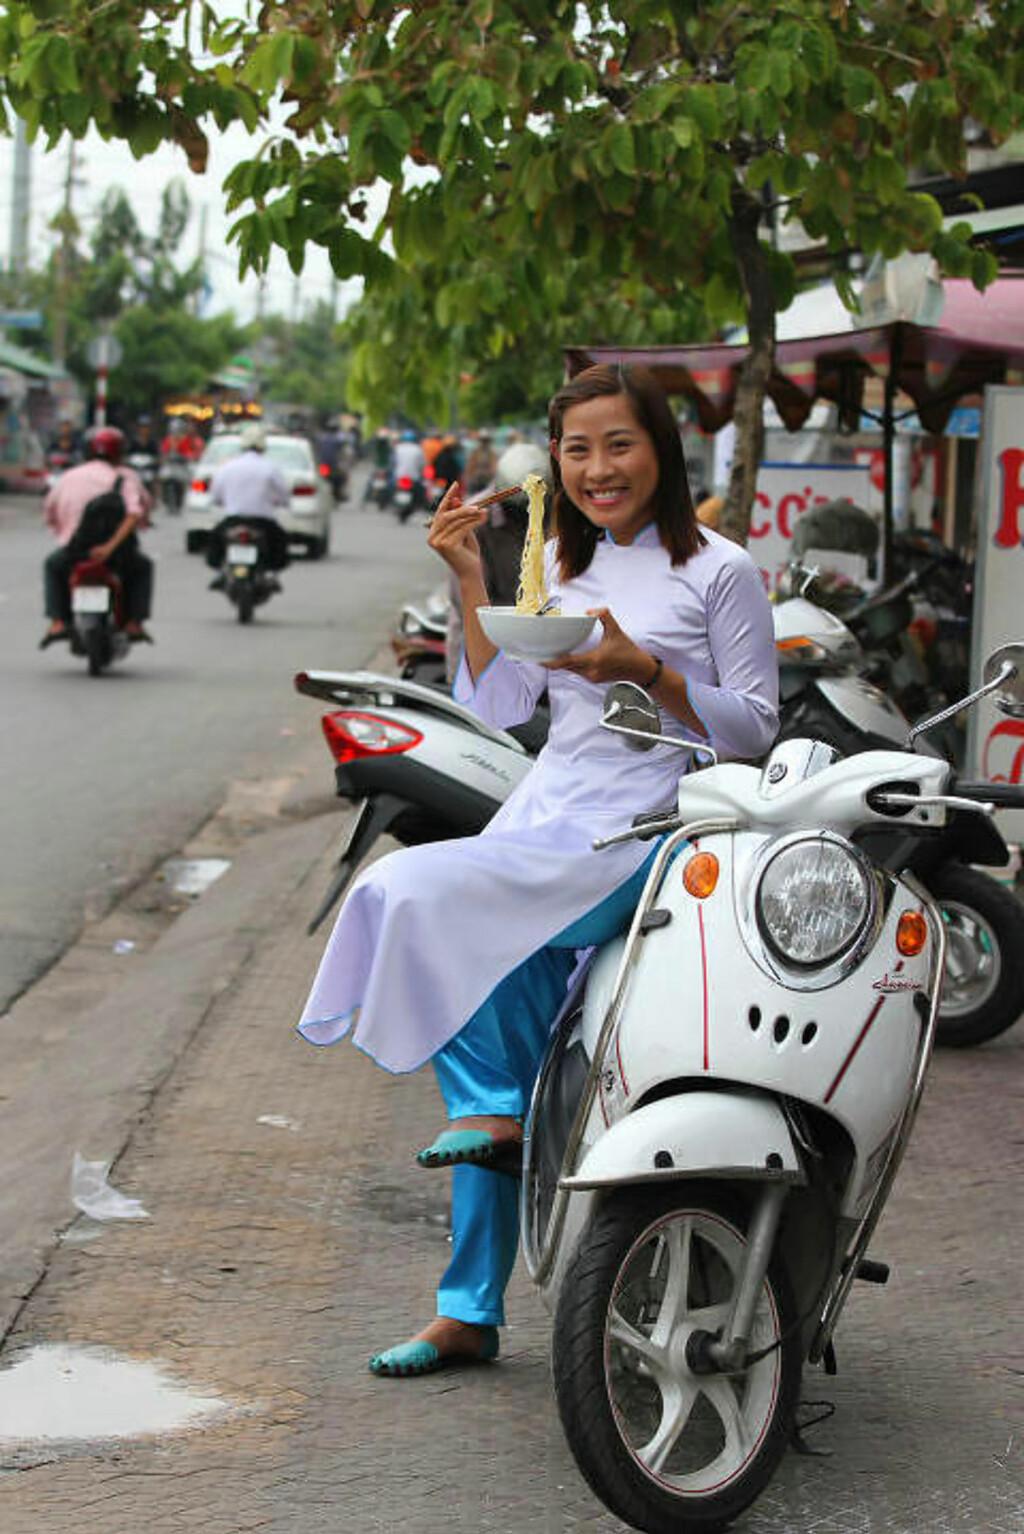 VISER HEMMELIGHETENE: Nguyen Ho Minh Thu bruker scooteren til å vise turistene stedene og gatematen du aldri ville funnet fram til på egen hånd. Foto: RUNAR LARSEN